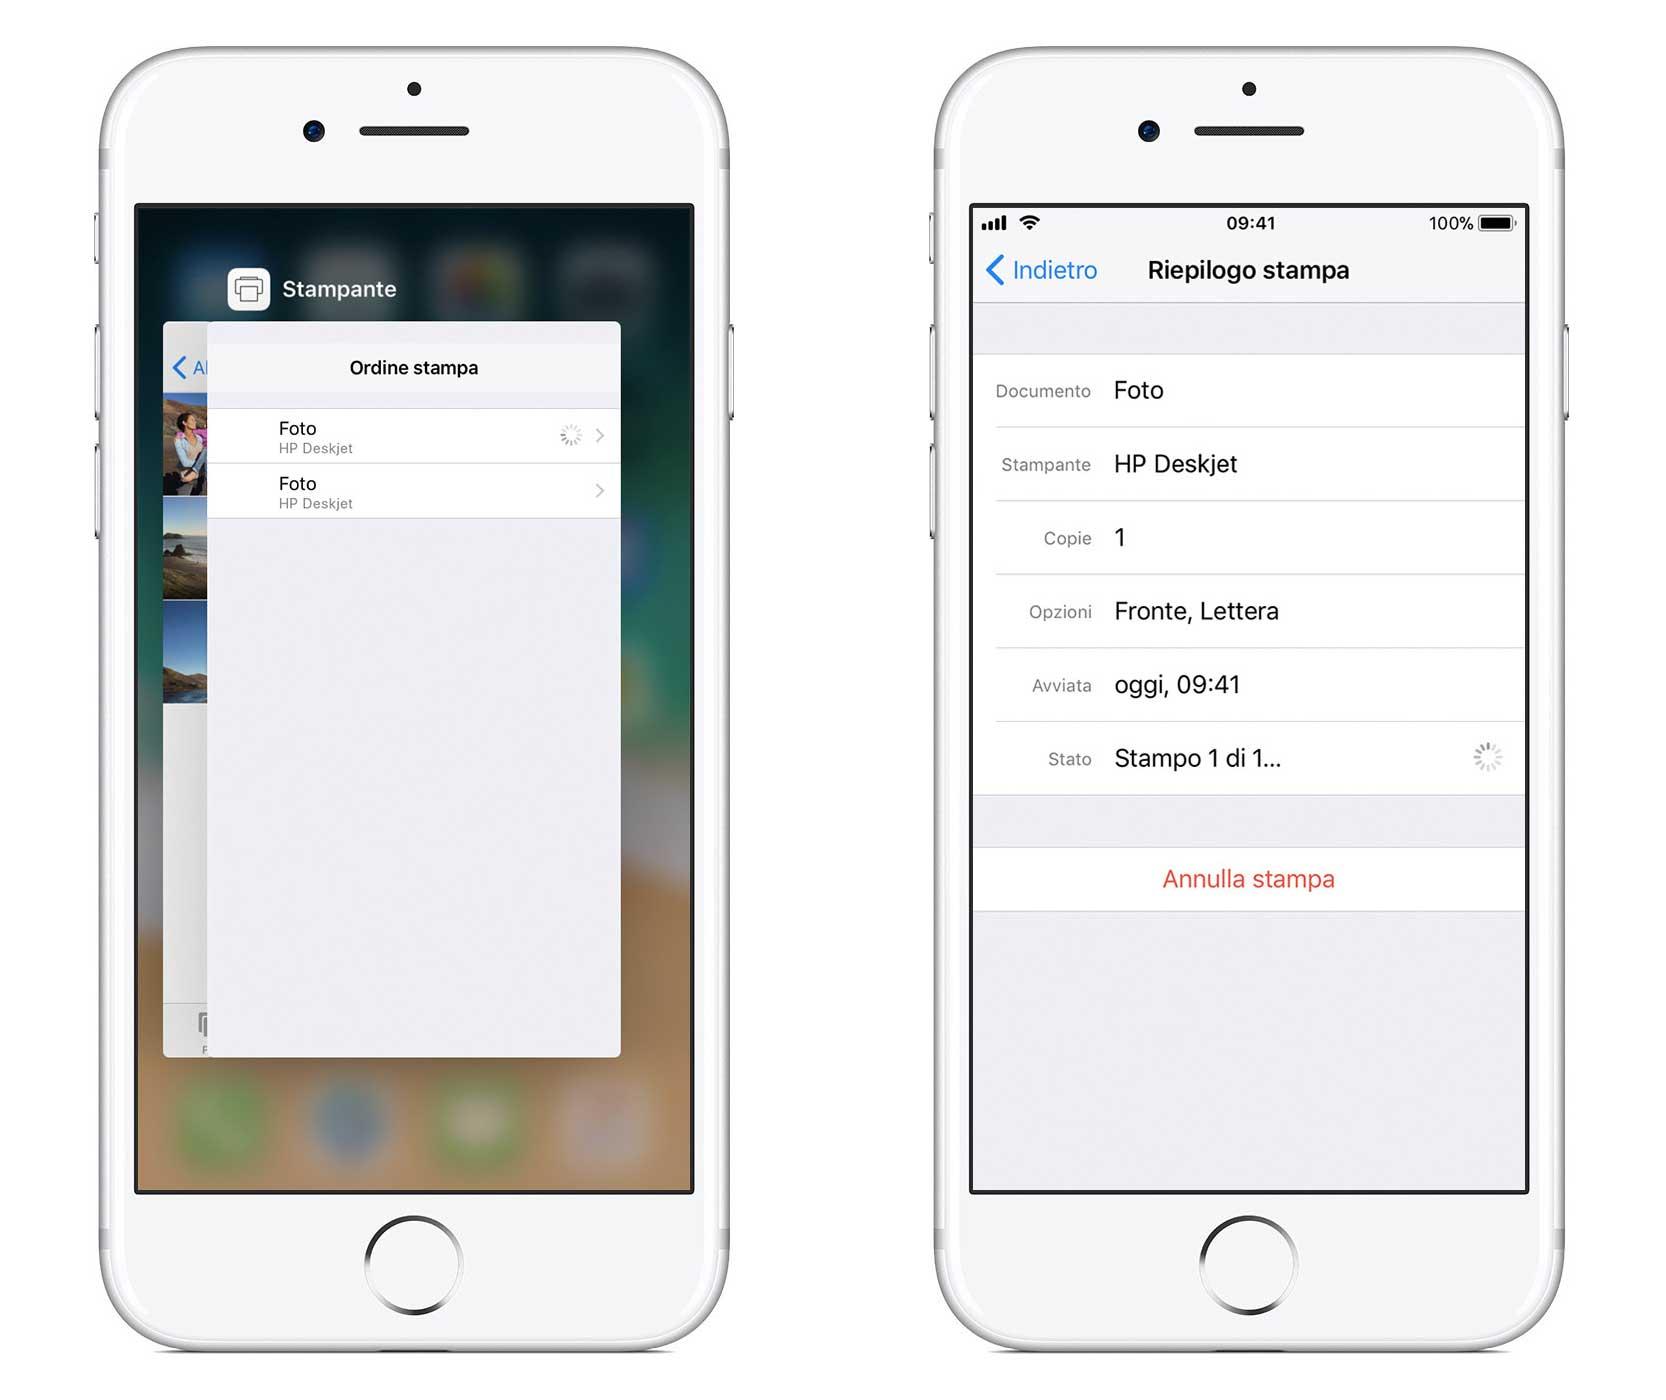 Stampare da iPhone le migliori stampanti per Mac